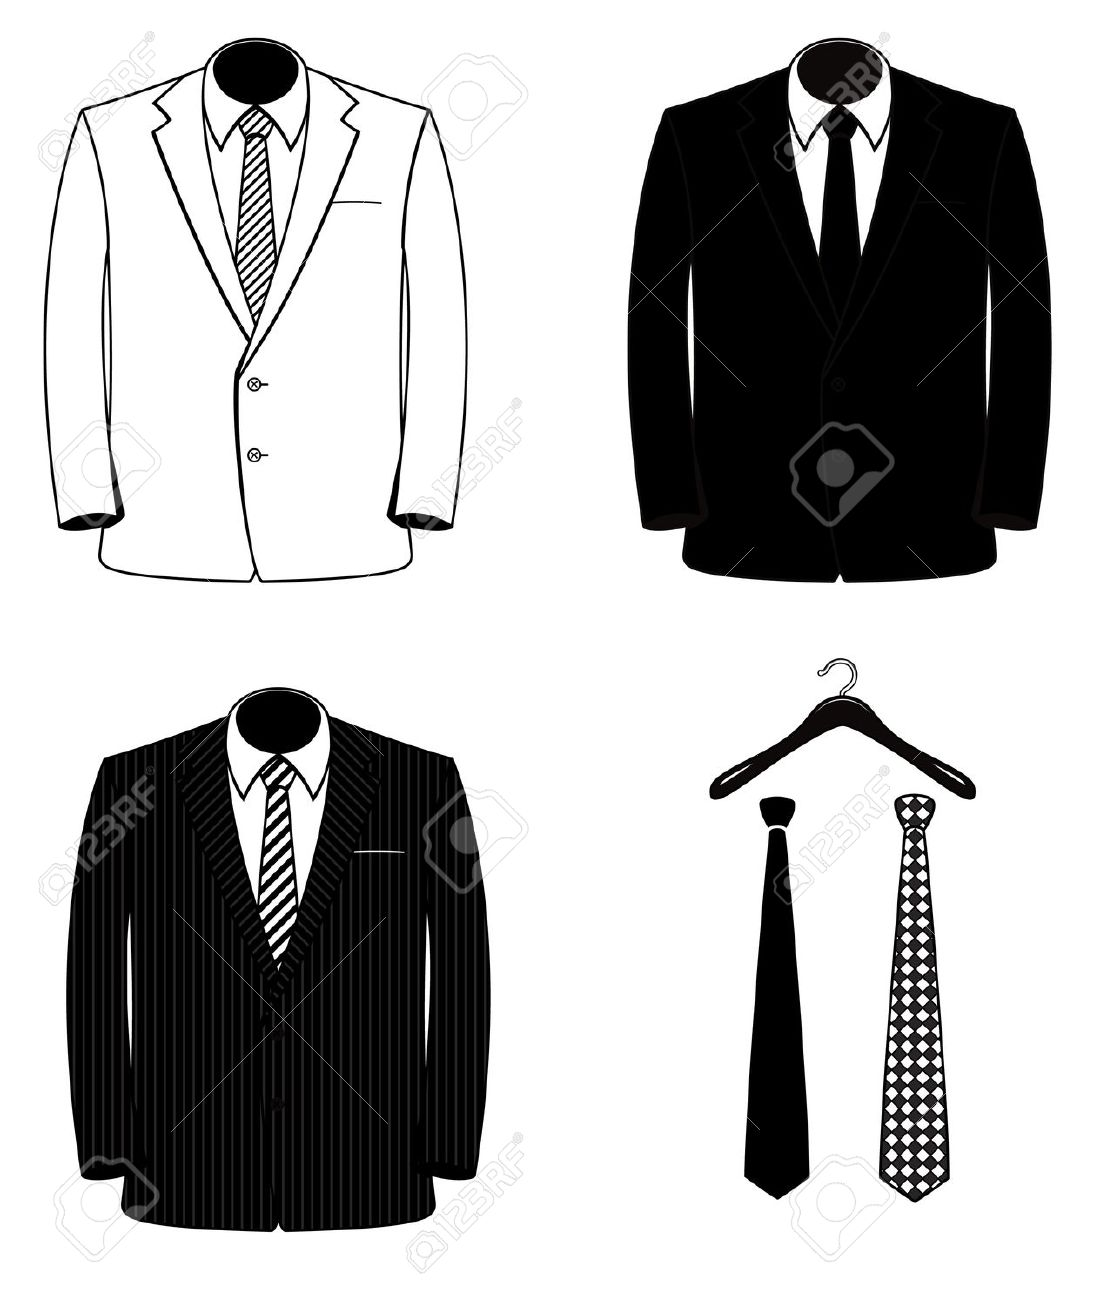 3711 Suit free clipart.